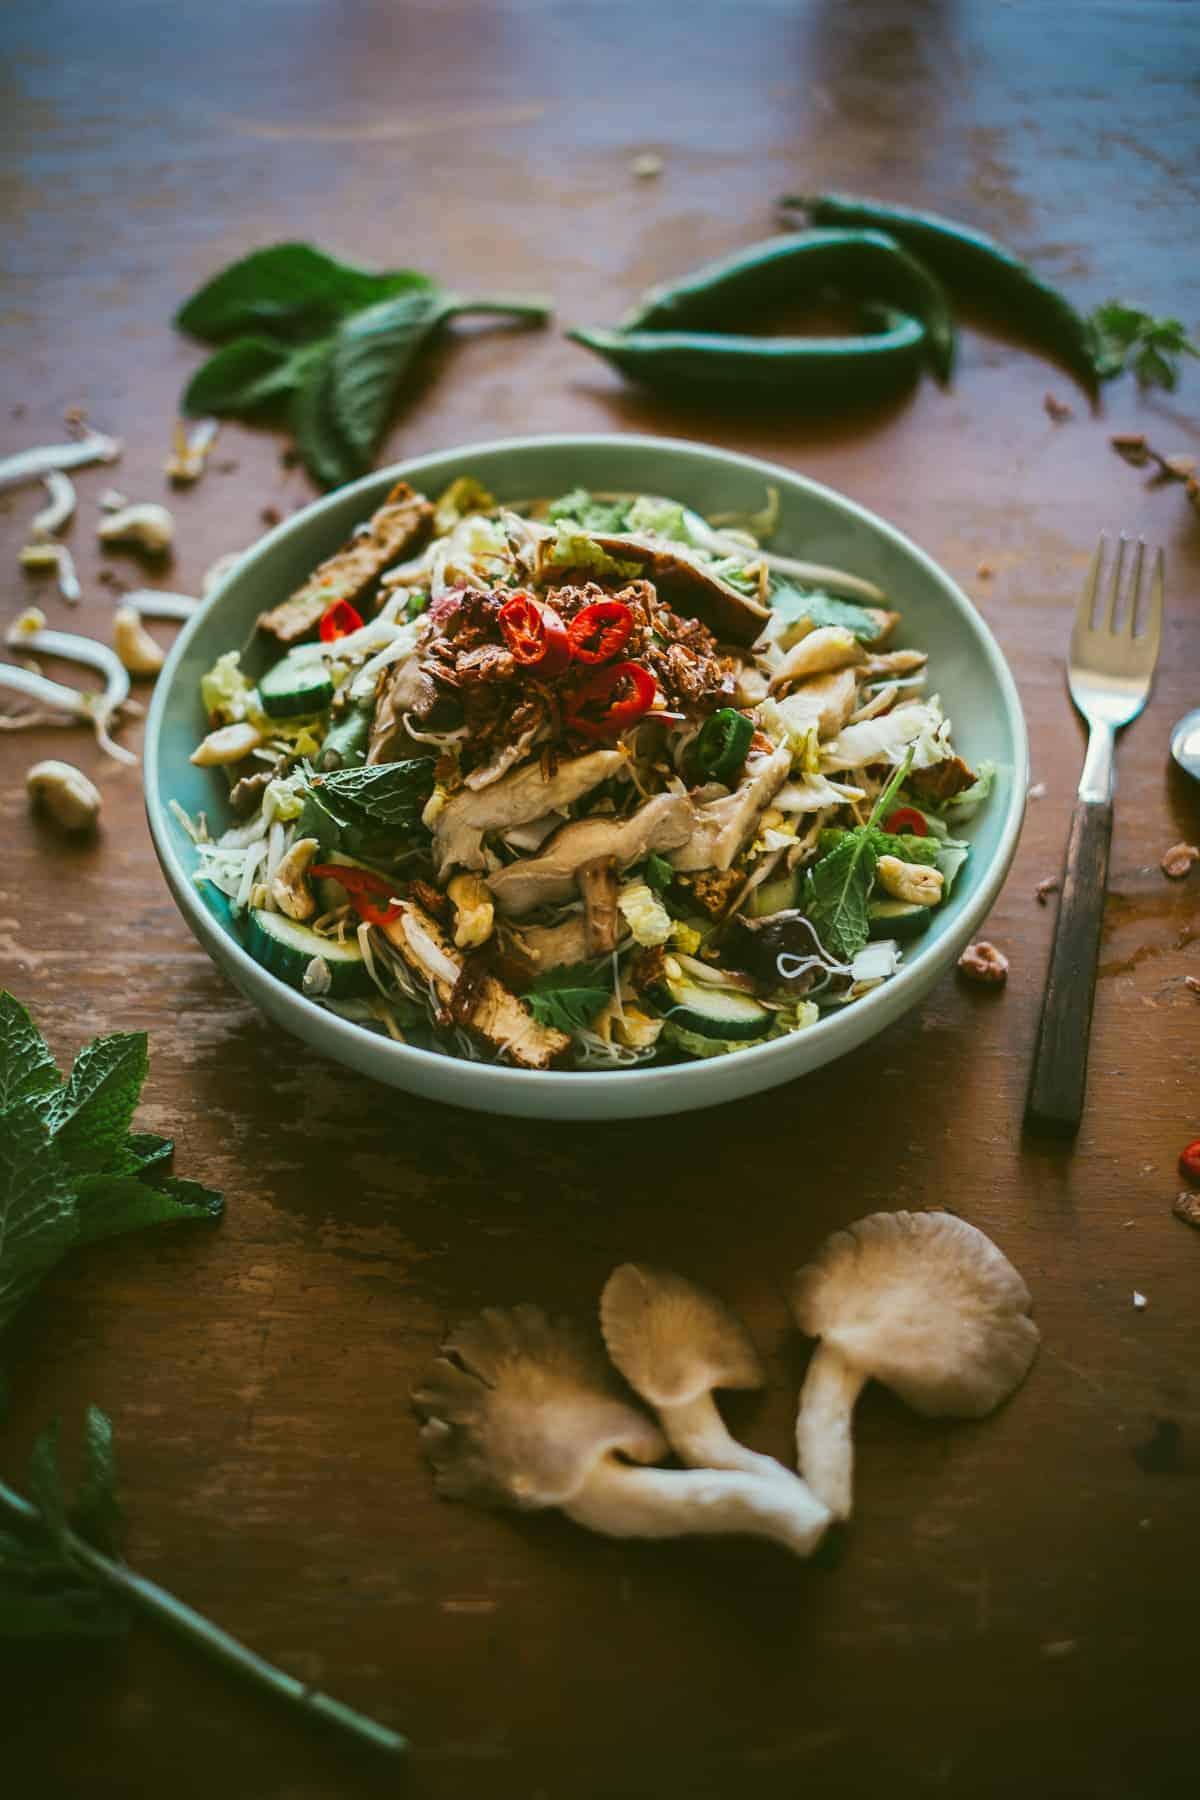 Asian mushroom salad